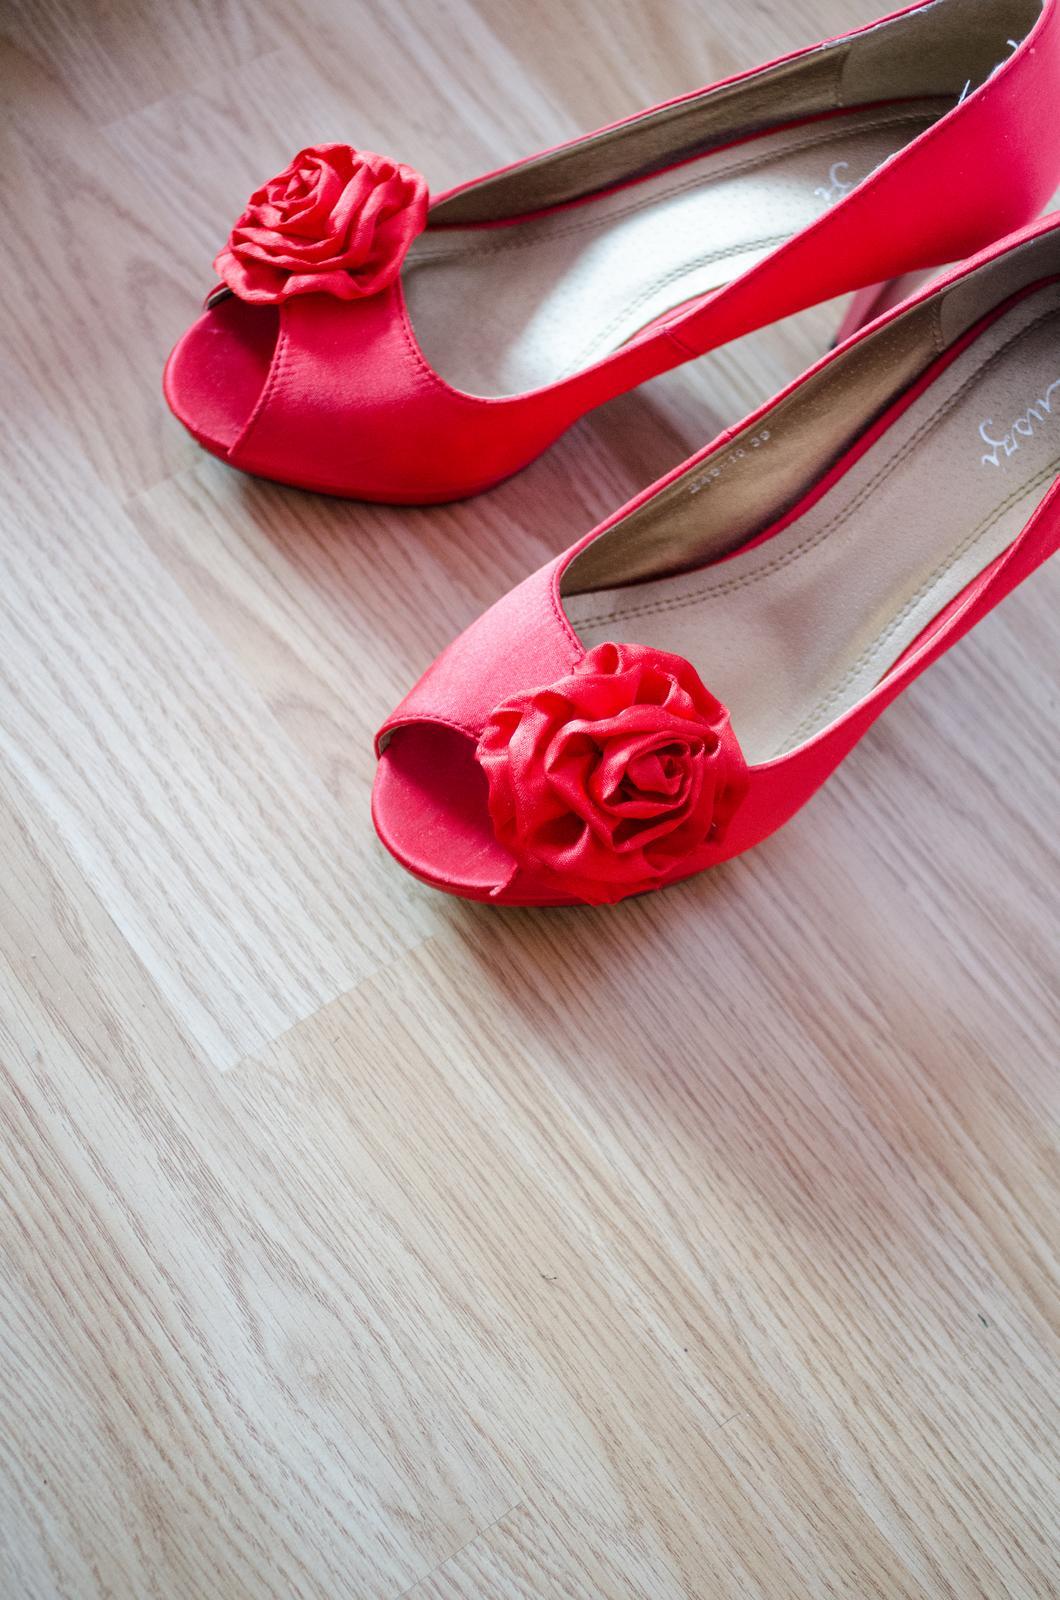 Monika{{_AND_}}Michal - Tieto topánočky som si objednala z internetu už v marci a z času na čas v nich behala po byte, aby sa na môj deň D rozchodili. Podarilo sa. Boli to tie najpohodlnejšie topánky i keď mali cca 9 cm opätok.